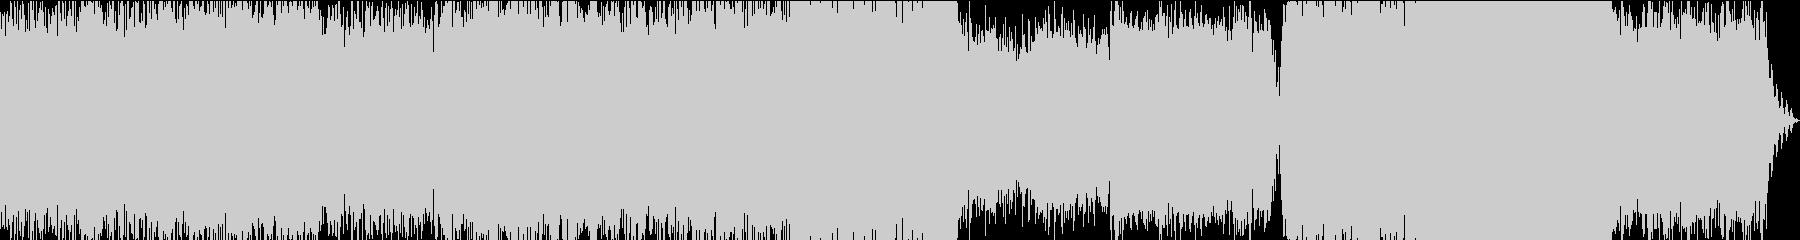 美しい青色ピアノの壮大エレクトロニカの未再生の波形